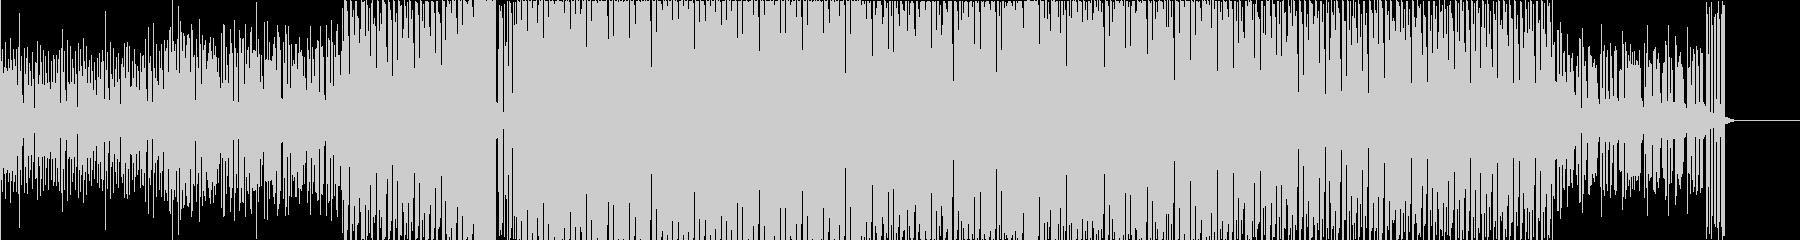 アンニュイな雰囲気を放つ最高クールBGMの未再生の波形